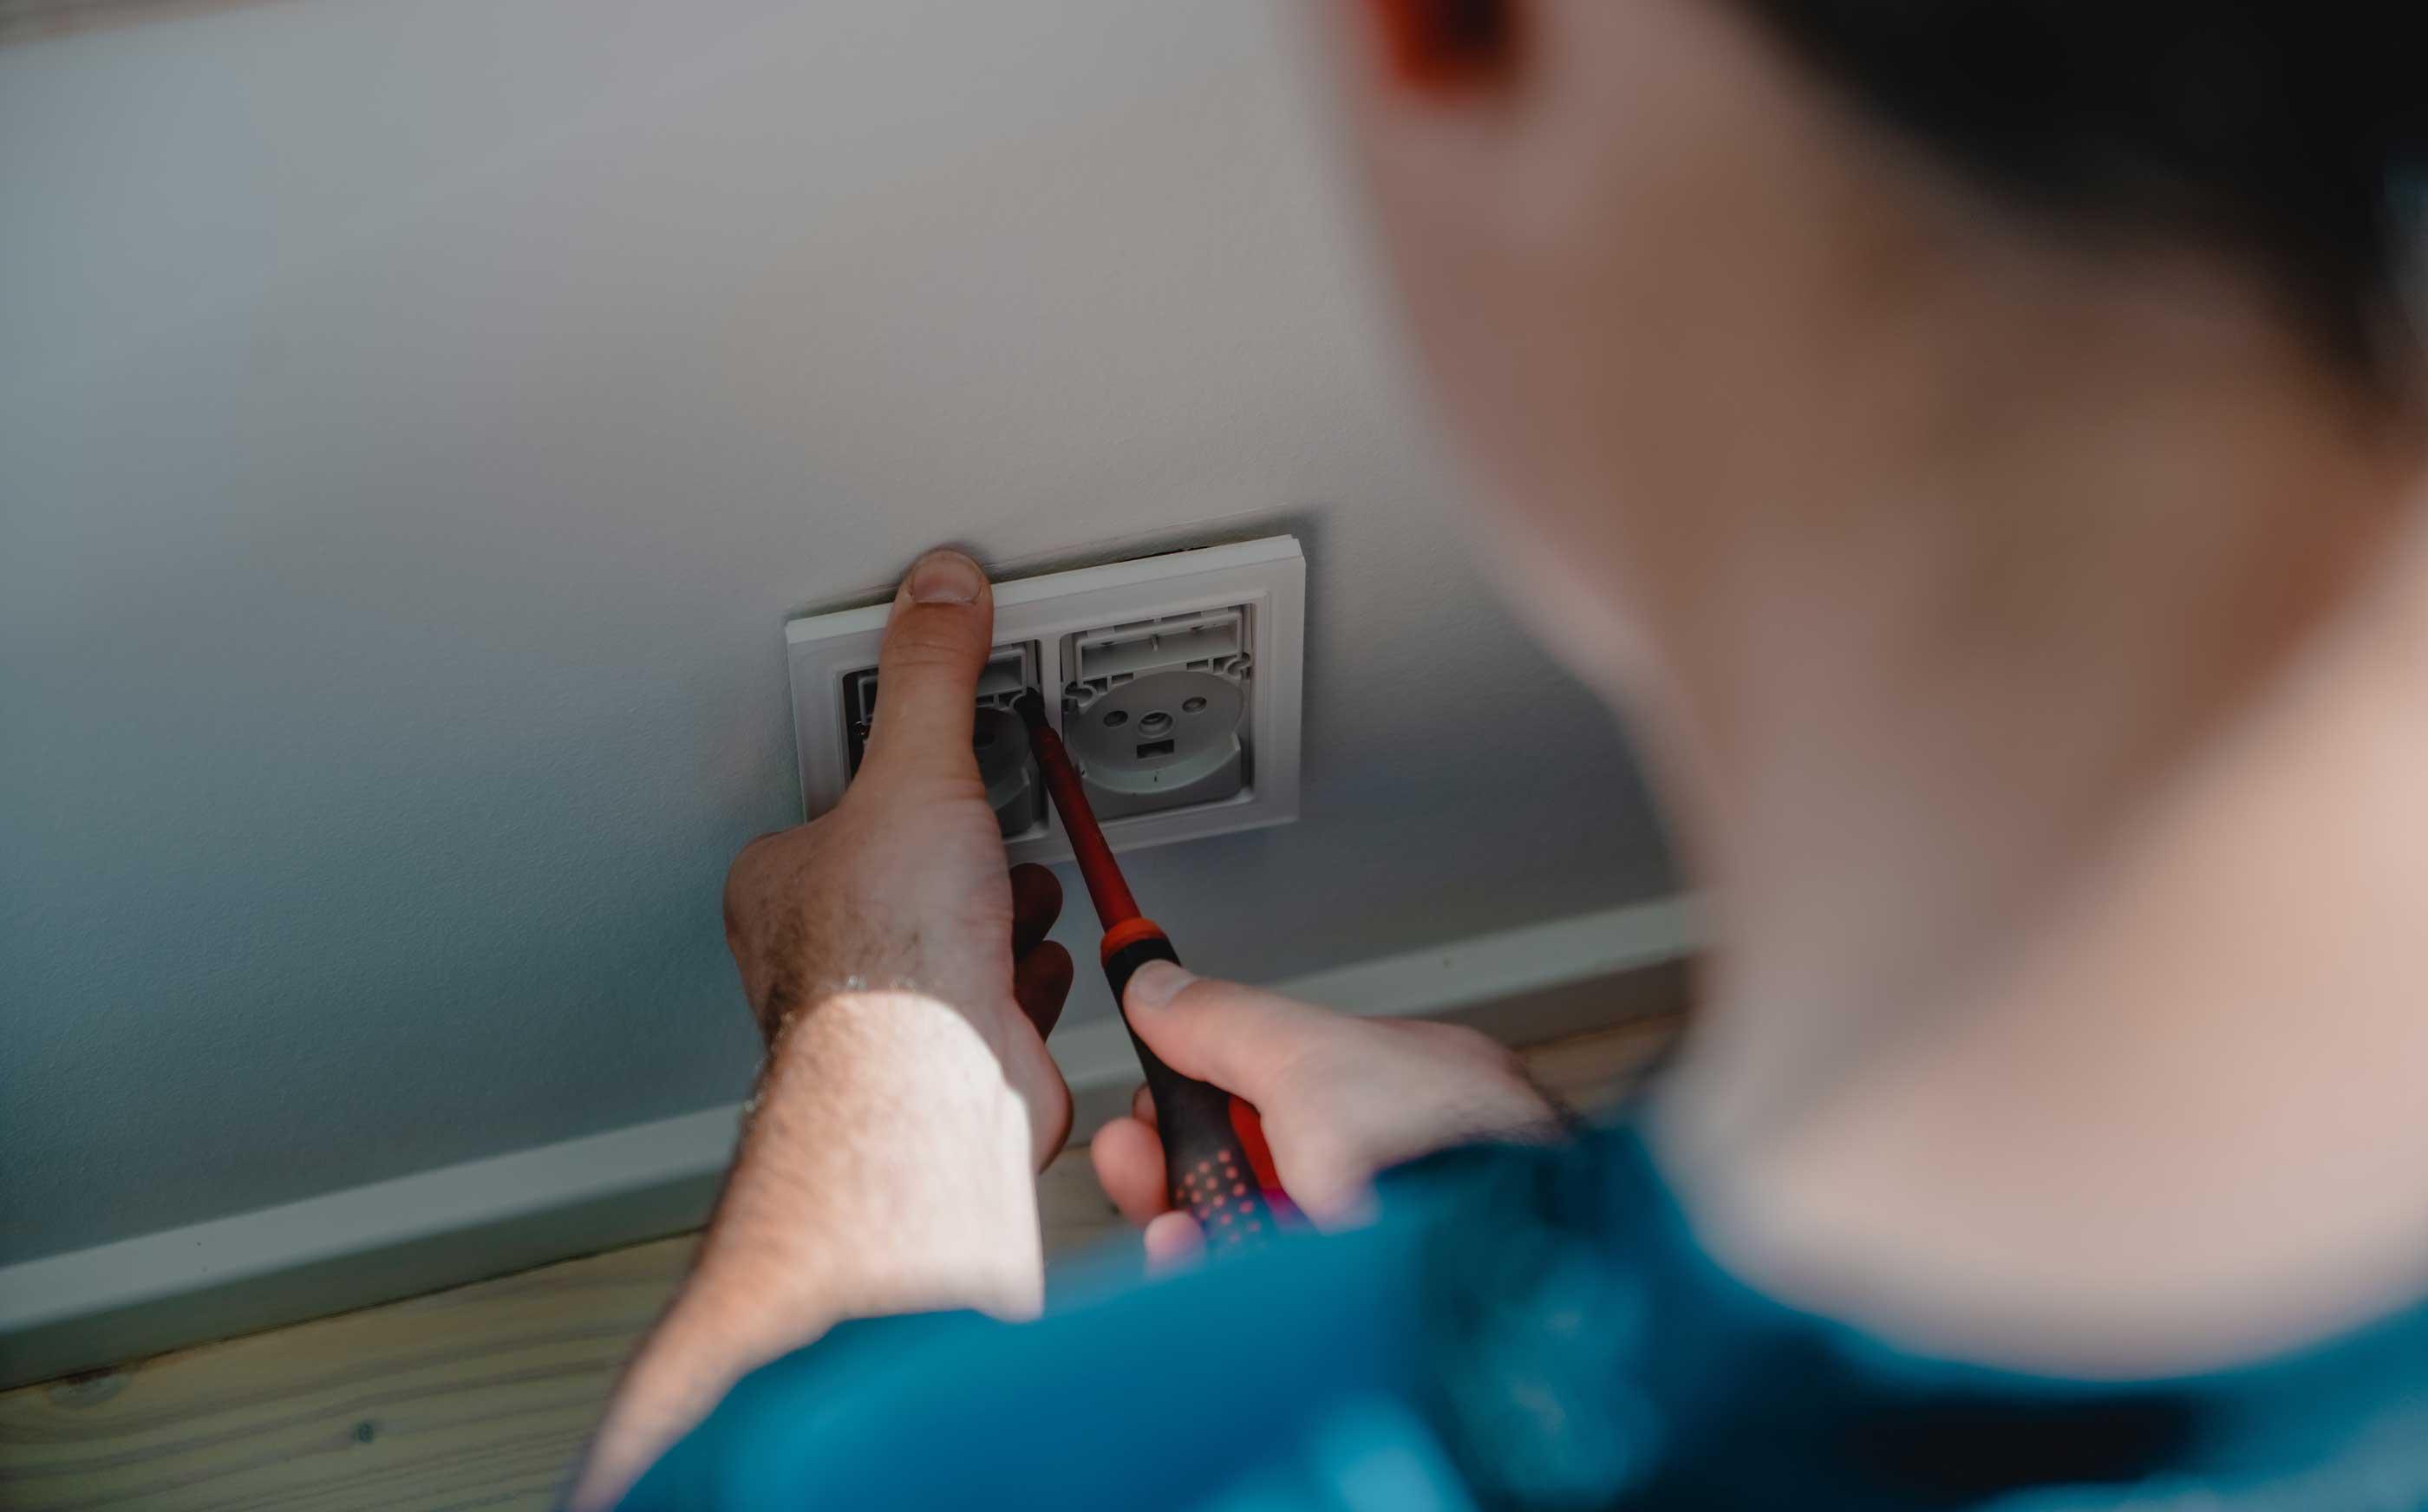 Vi leverer de bedste installationsløsninger til vores kunder - stikkontakt